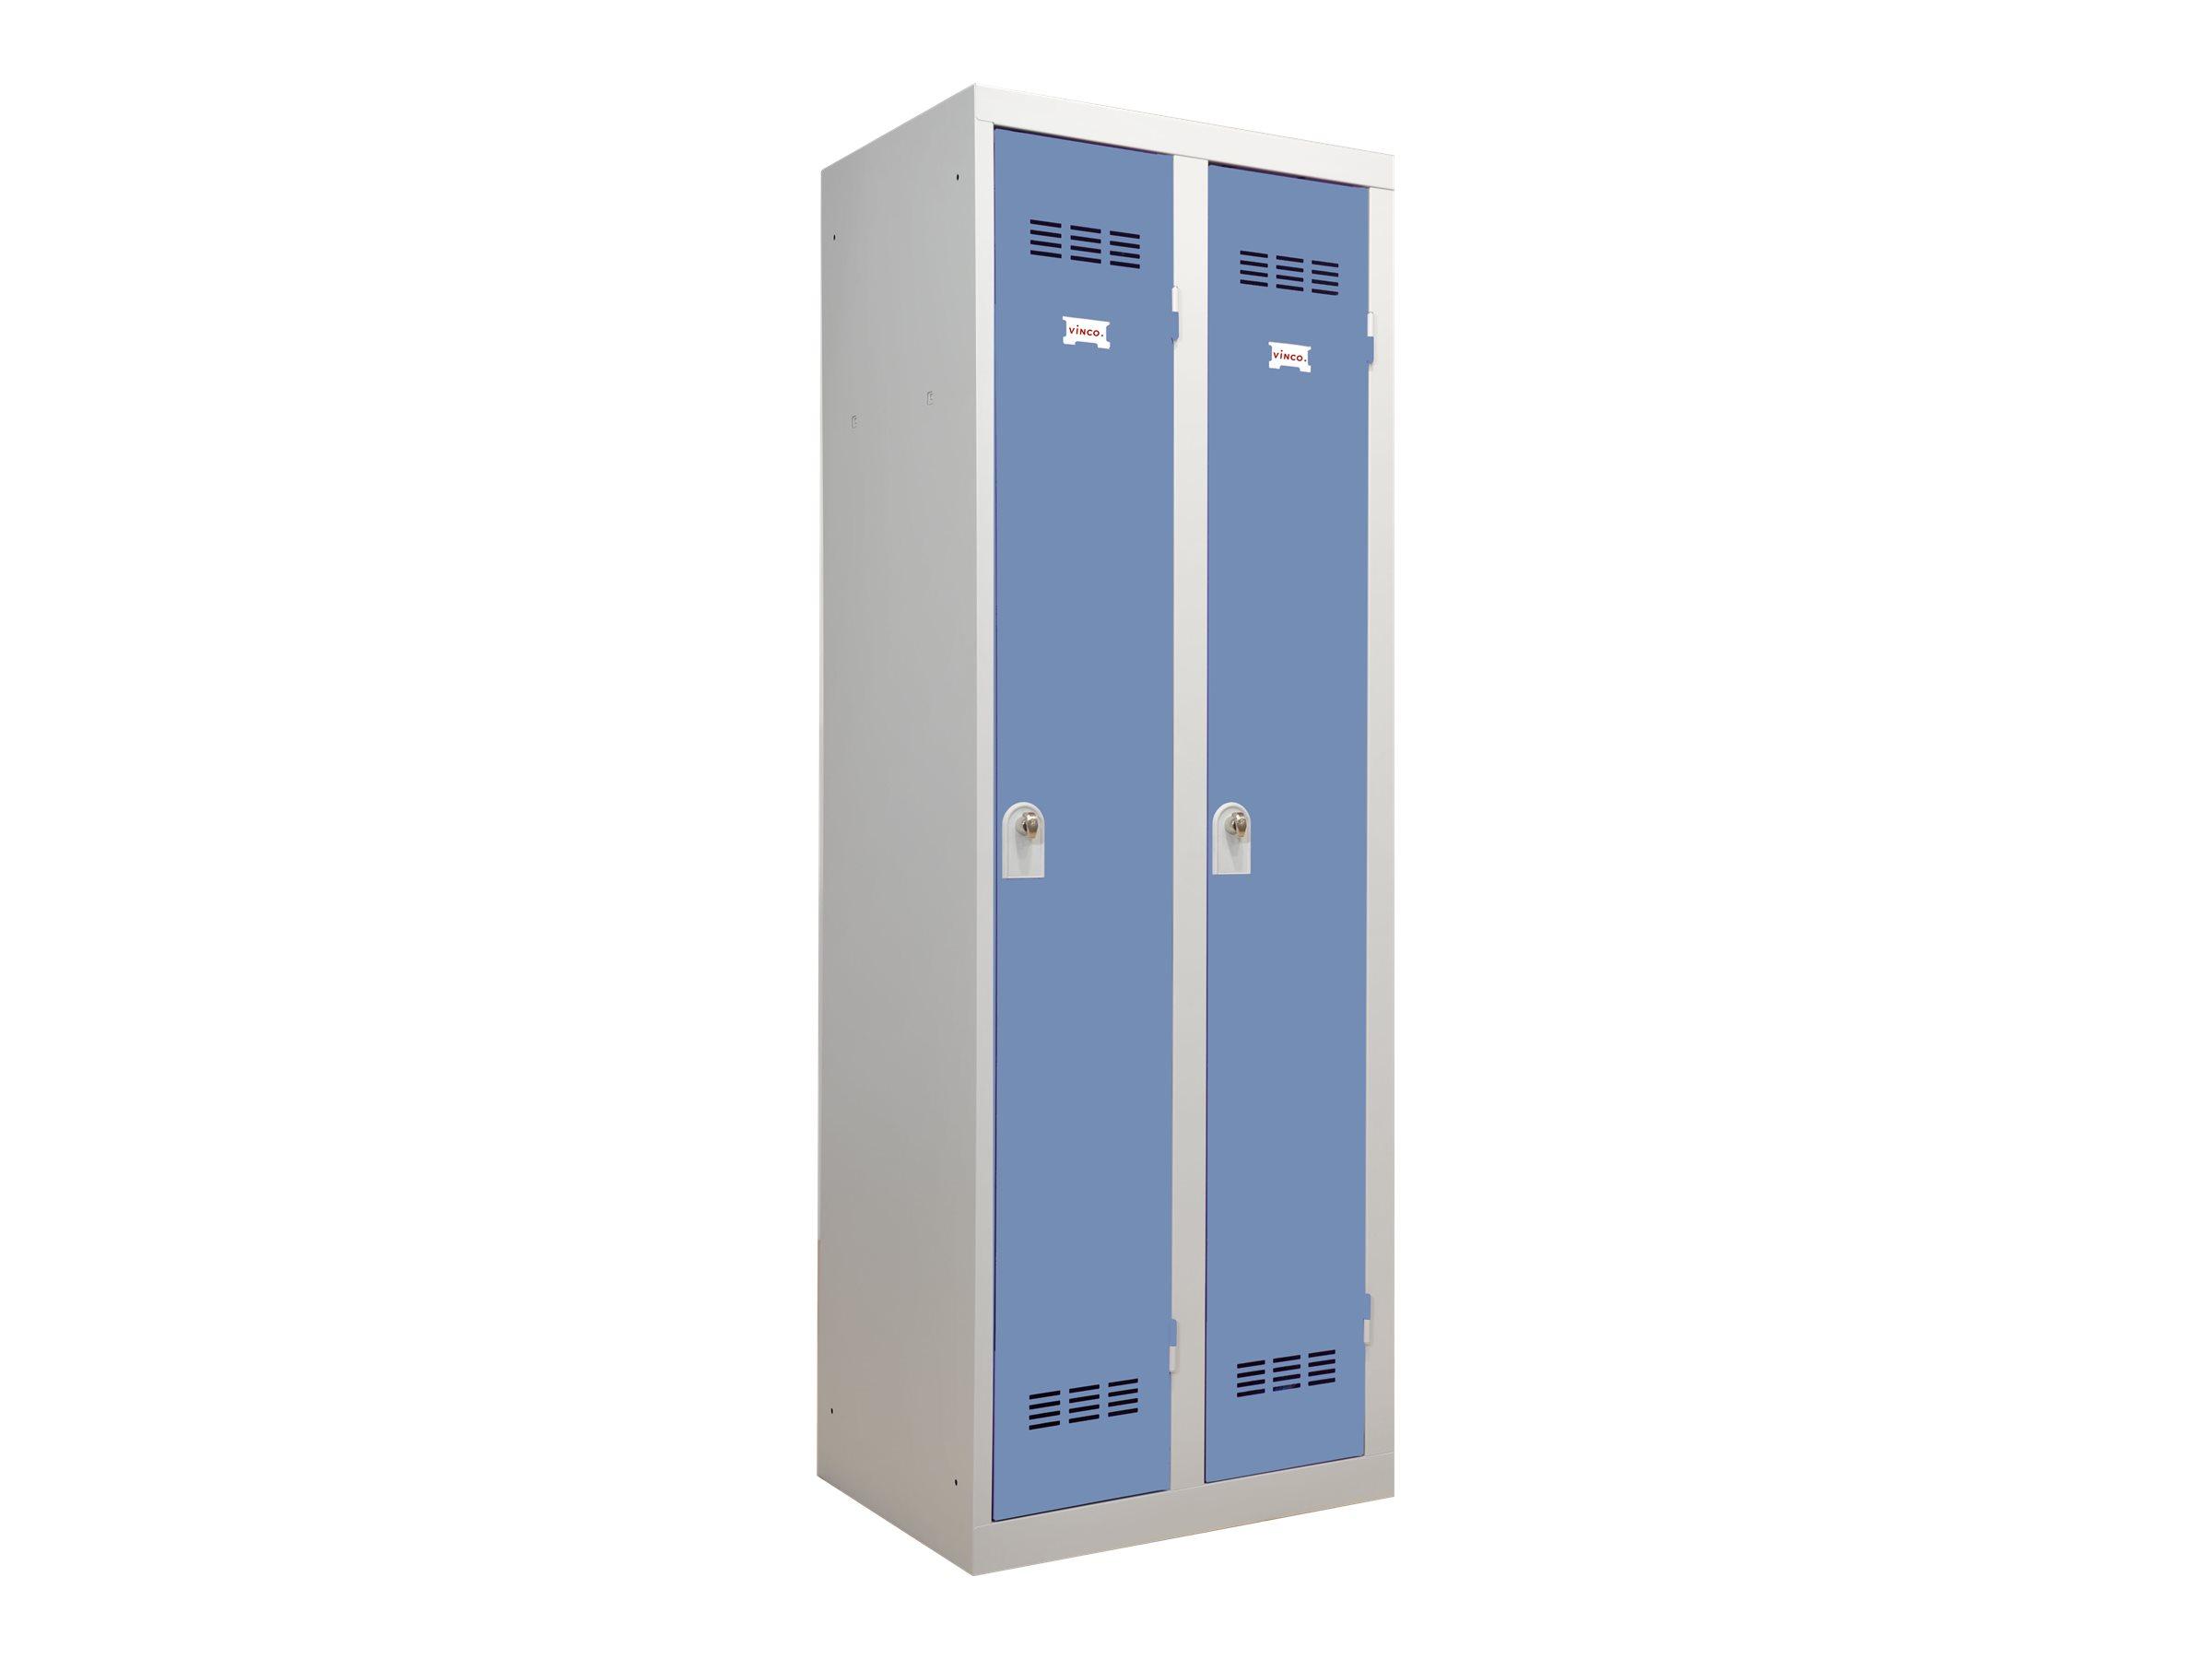 Vestiaire Industrie Propre - 2 portes - 180 x 60 x 50 cm - gris/beu